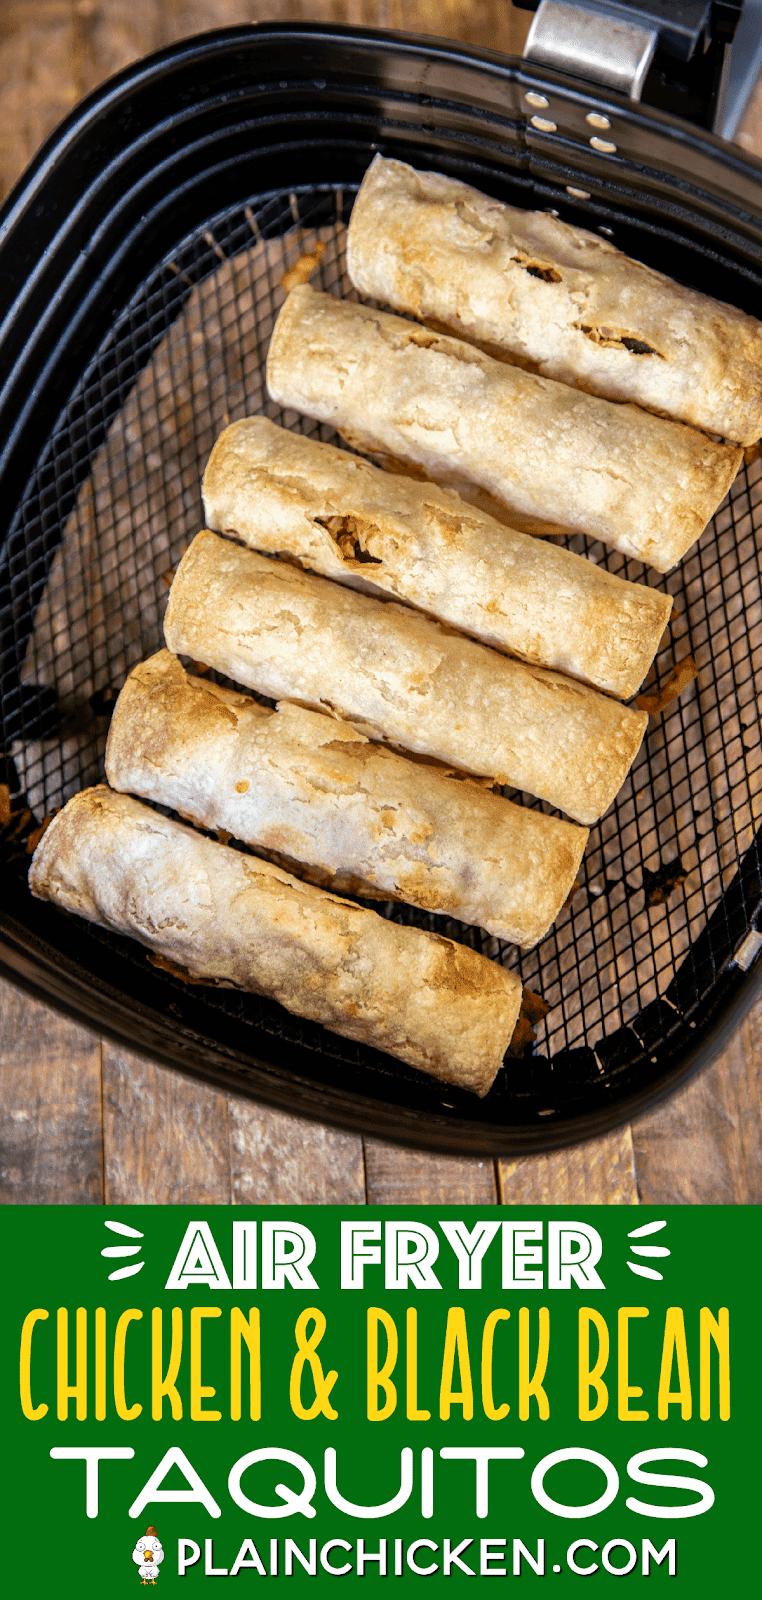 baked chicken taquitos in air fryer basket